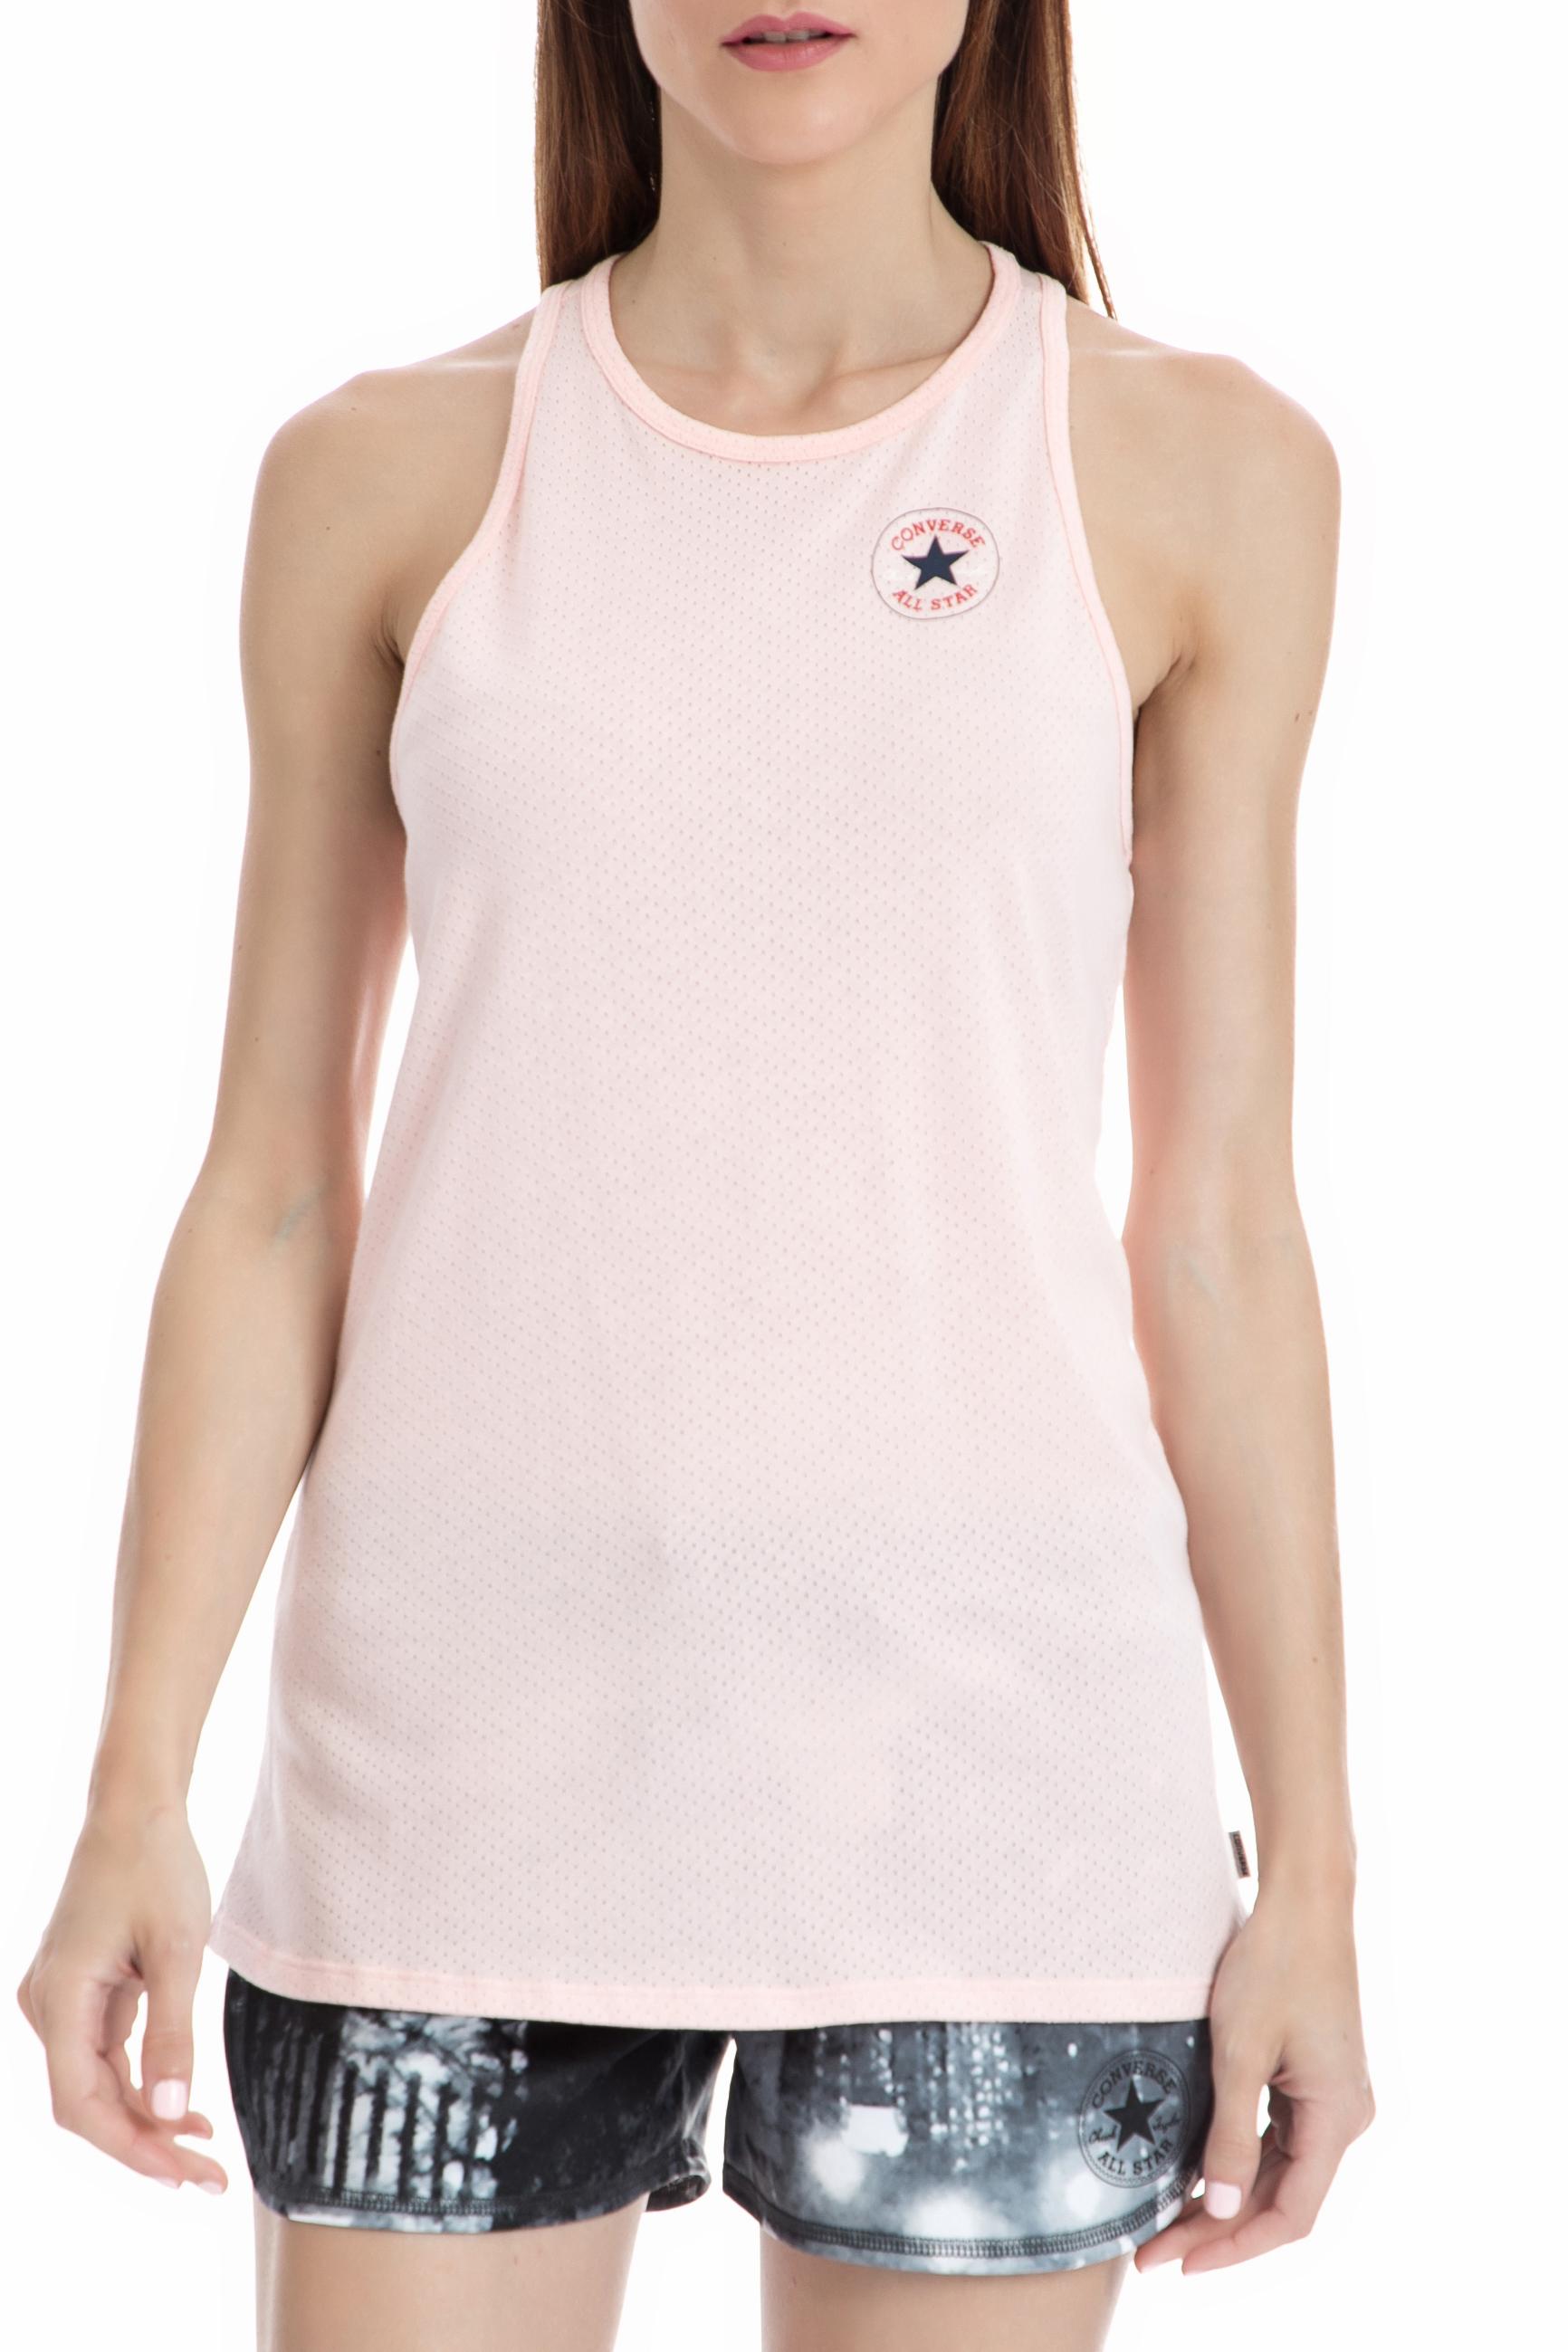 CONVERSE – Γυναικεία μπλούζα Converse ροζ